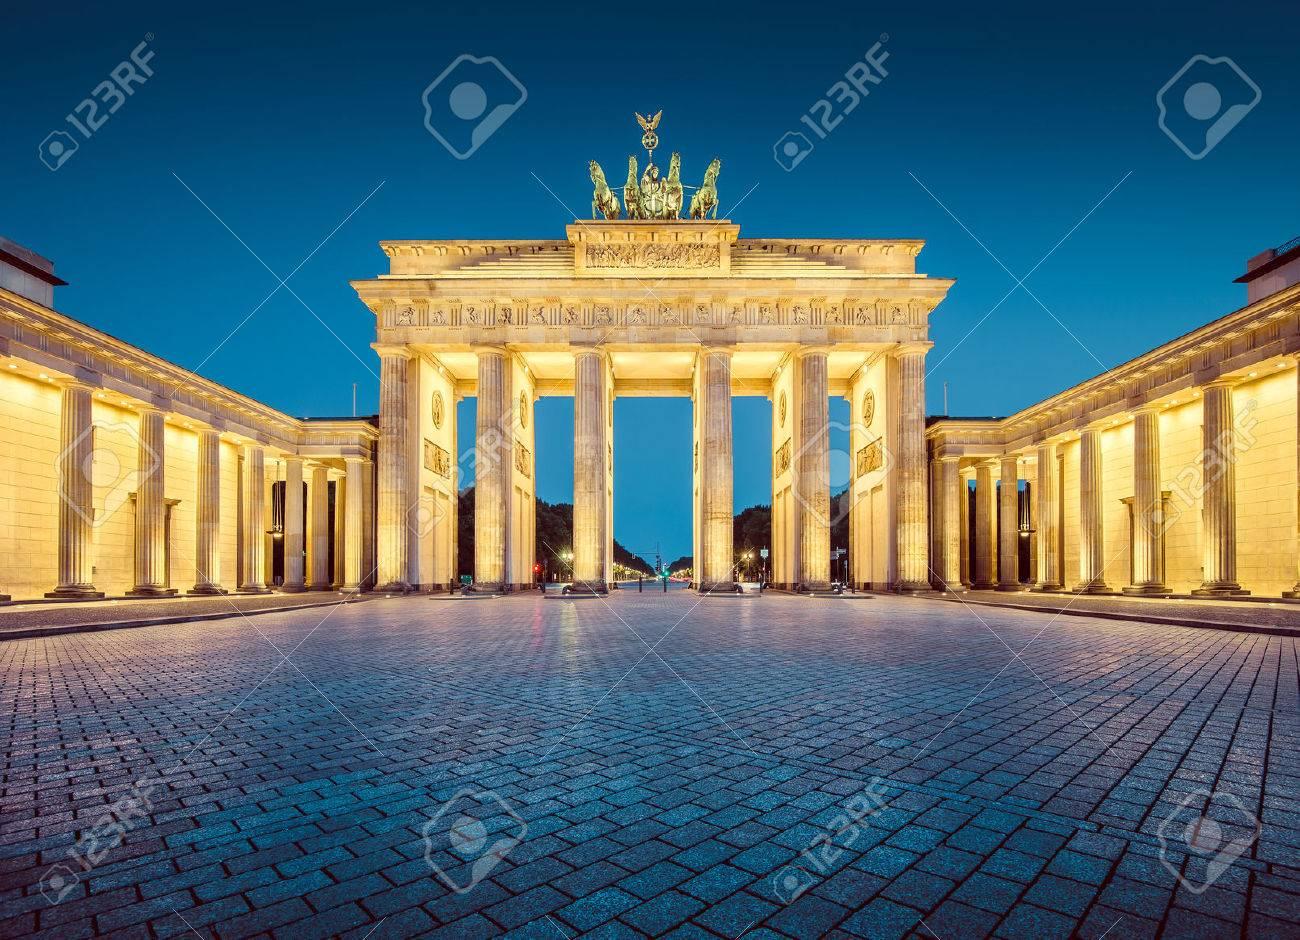 Vue classique de la célèbre Porte de Brandebourg, l'un des plus connus monuments et symboles nationaux de l'Allemagne Banque d'images - 54991019